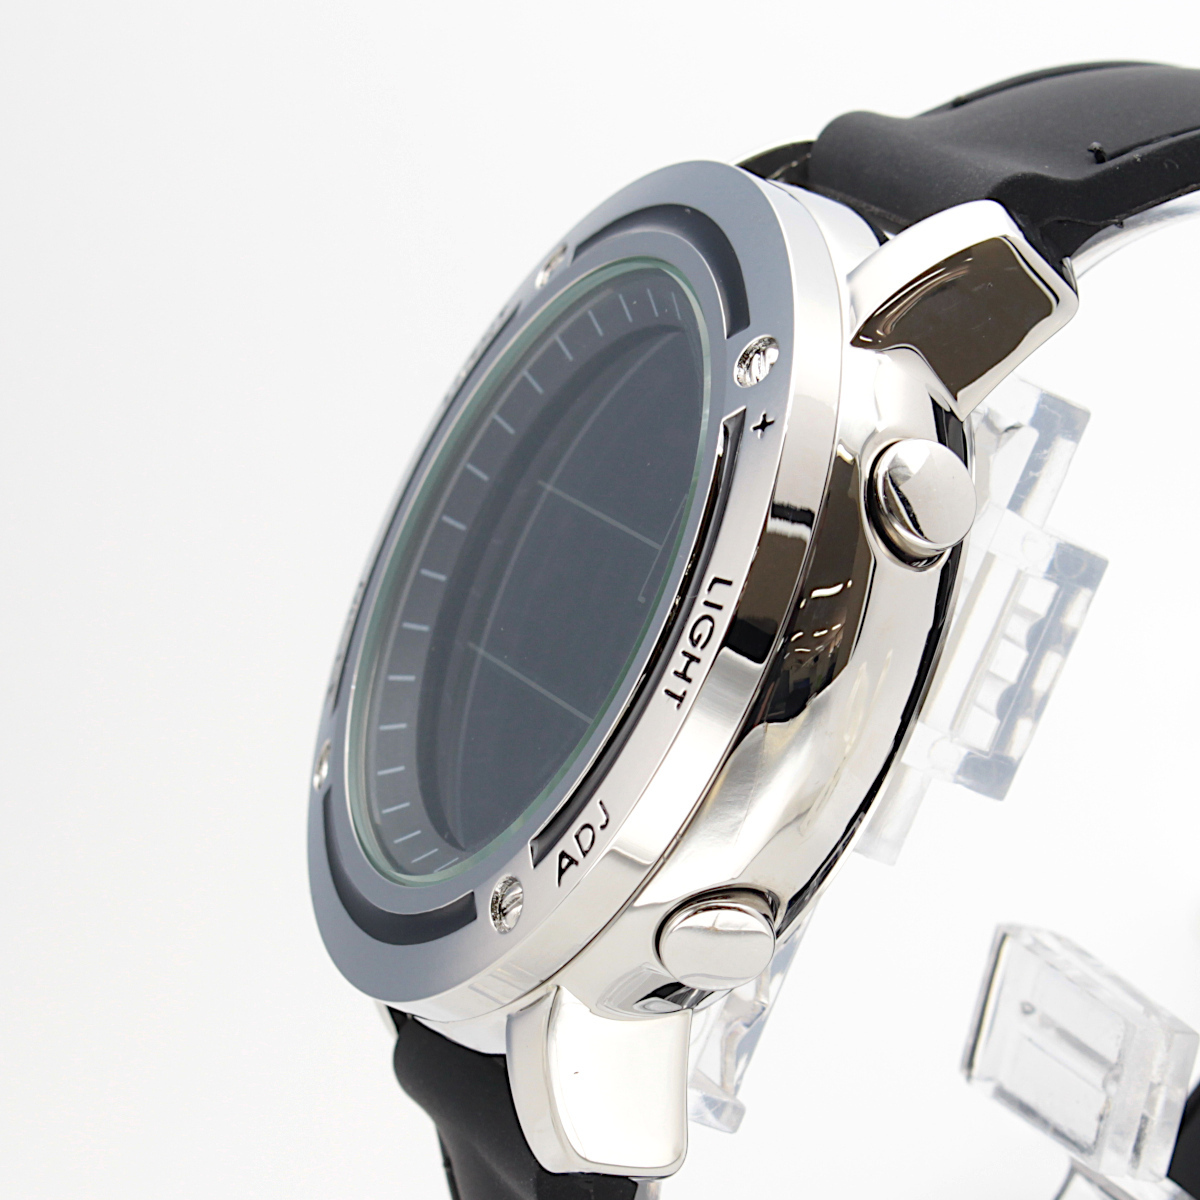 【1円開始】画面がでかくて見やすい!! 目に優しい腕時計! 今の腕時計が小さすぎて不満がある方必見!DWG WATCH メンズ 腕時計 / N0660_画像2